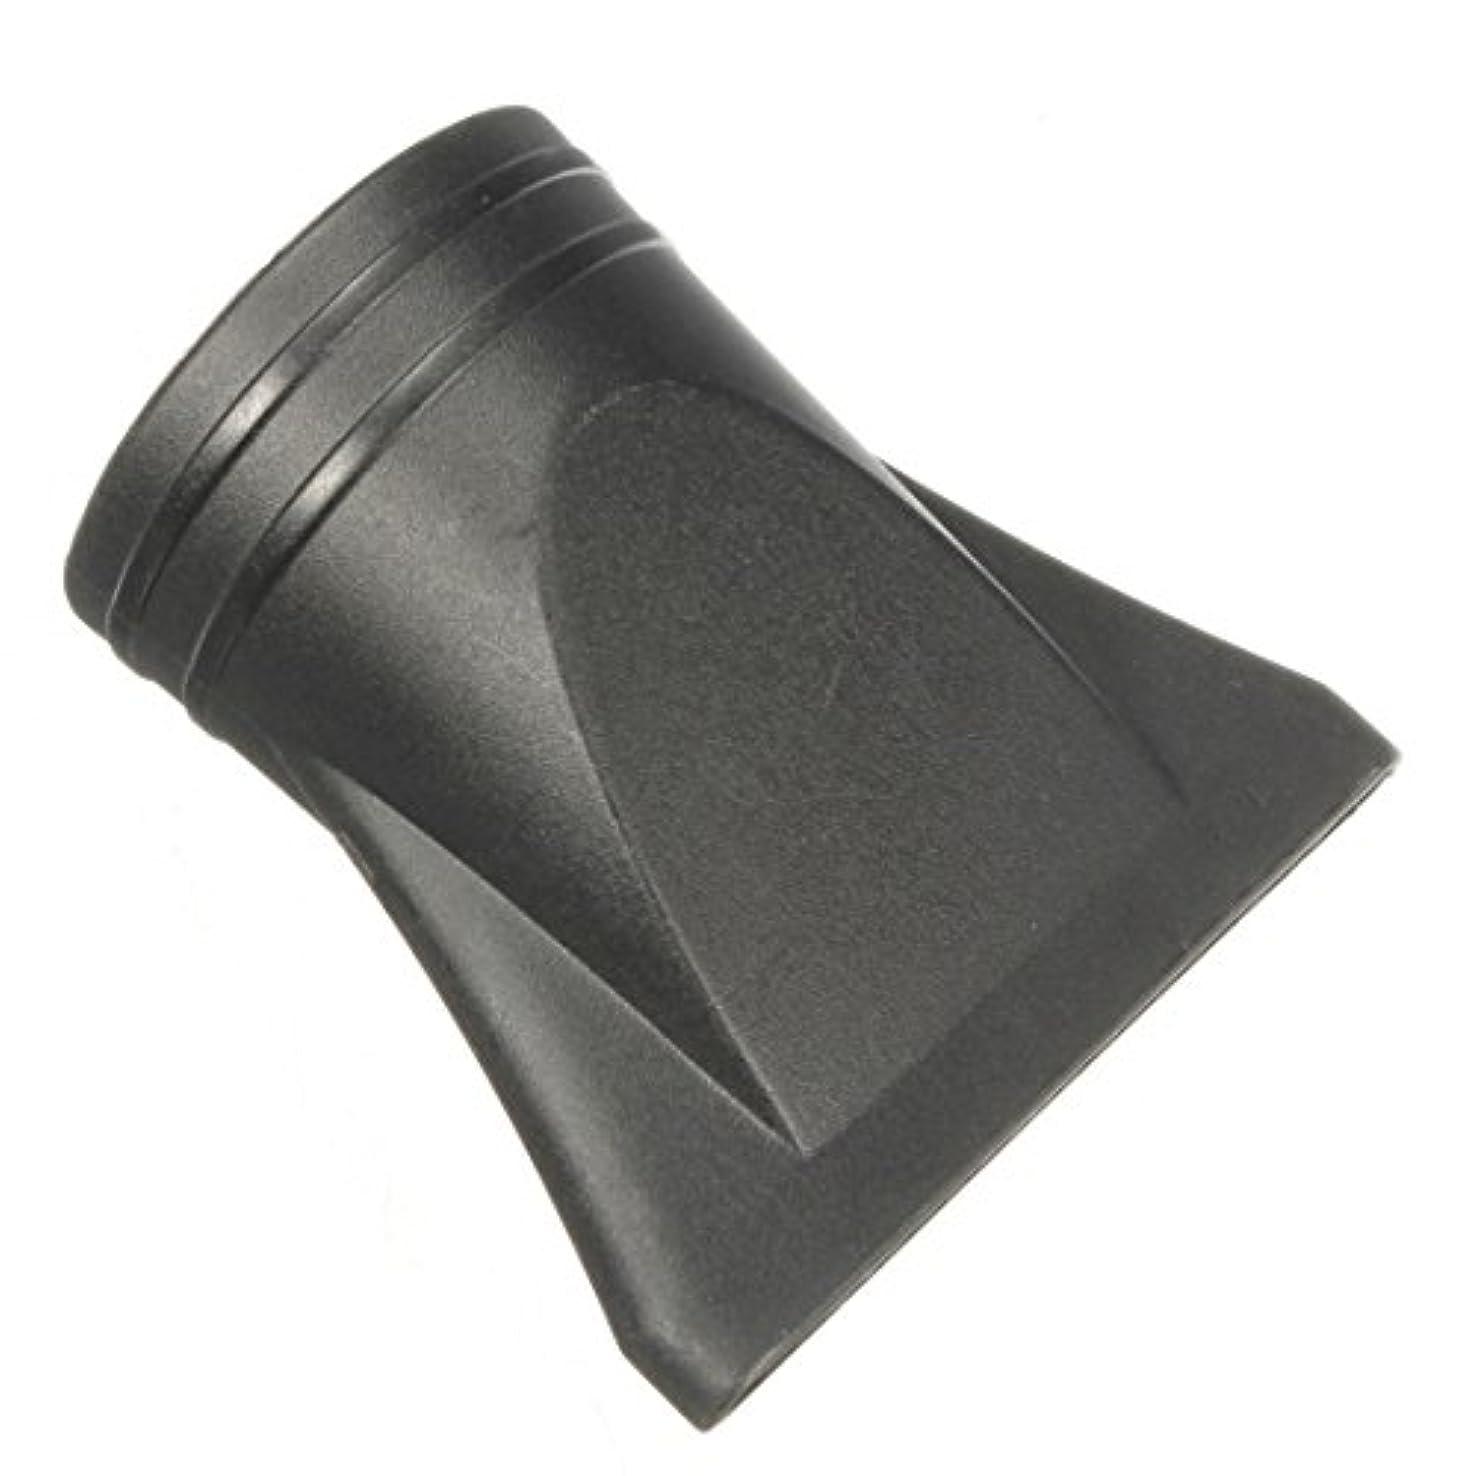 作曲するテーブルリングバックJicorzo - 1PCSプラスチックサロン交換フェラフラットヘアドライヤー乾燥コンセントレータブラックノズルスタイリングツールのフードカバーワイド狭いサイズ[ワイド]